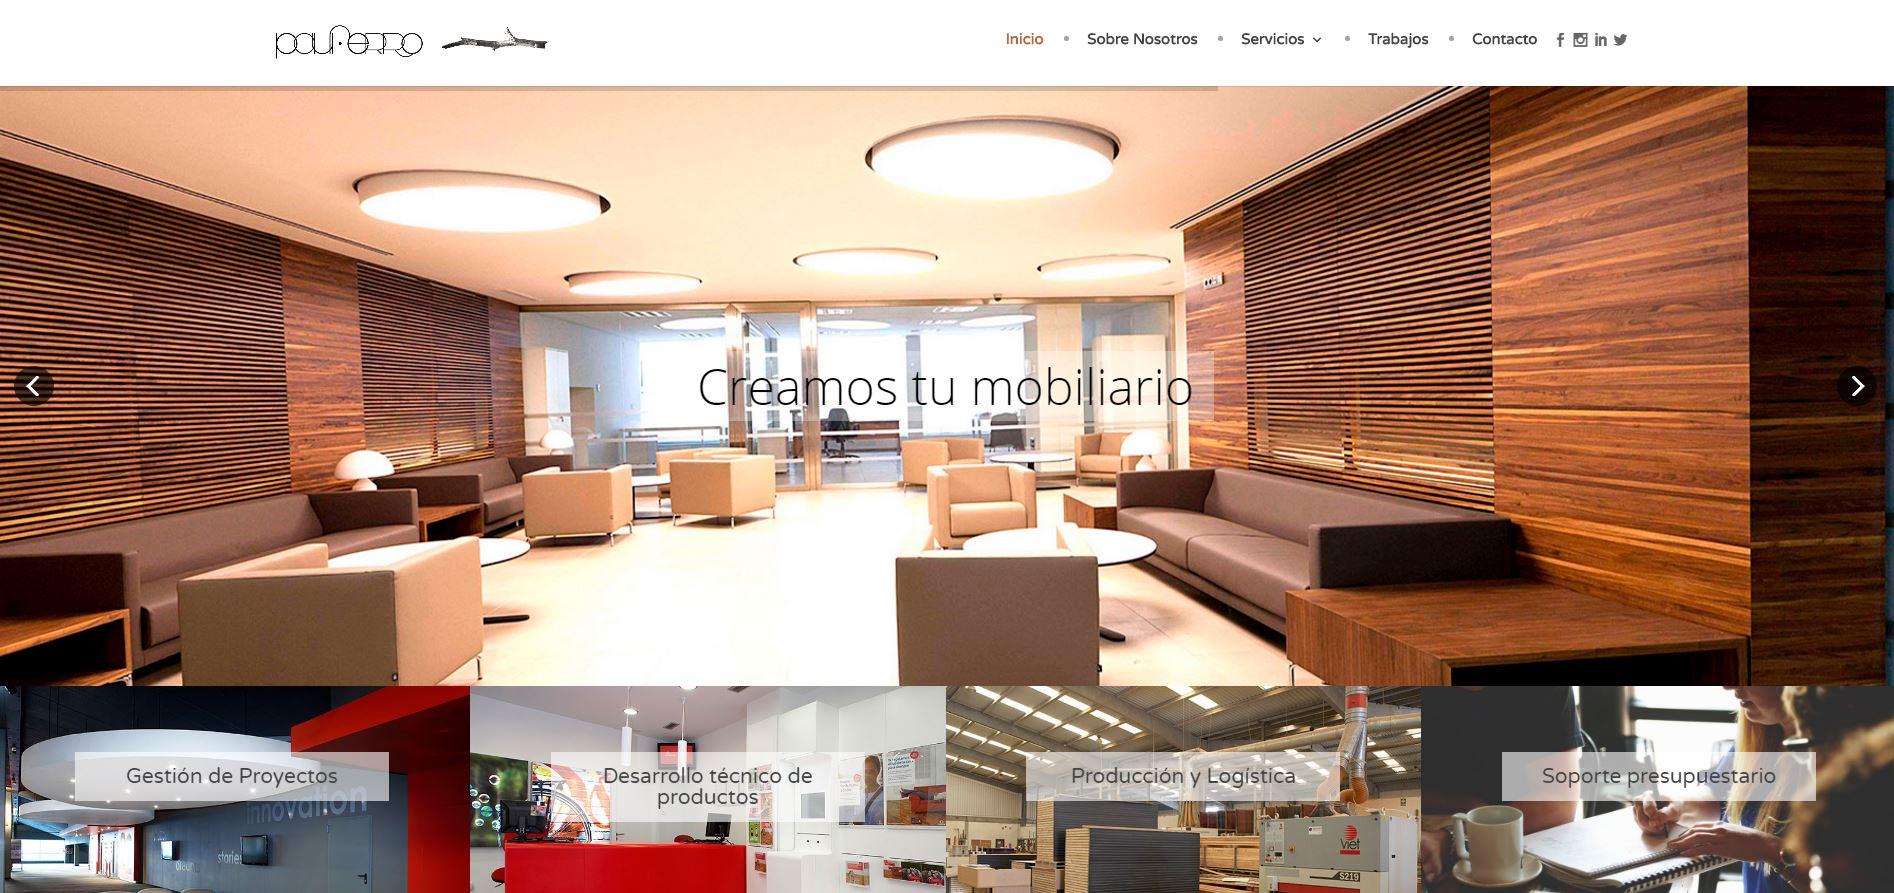 Nuevo proyecto de Diseño Web: Pauferro